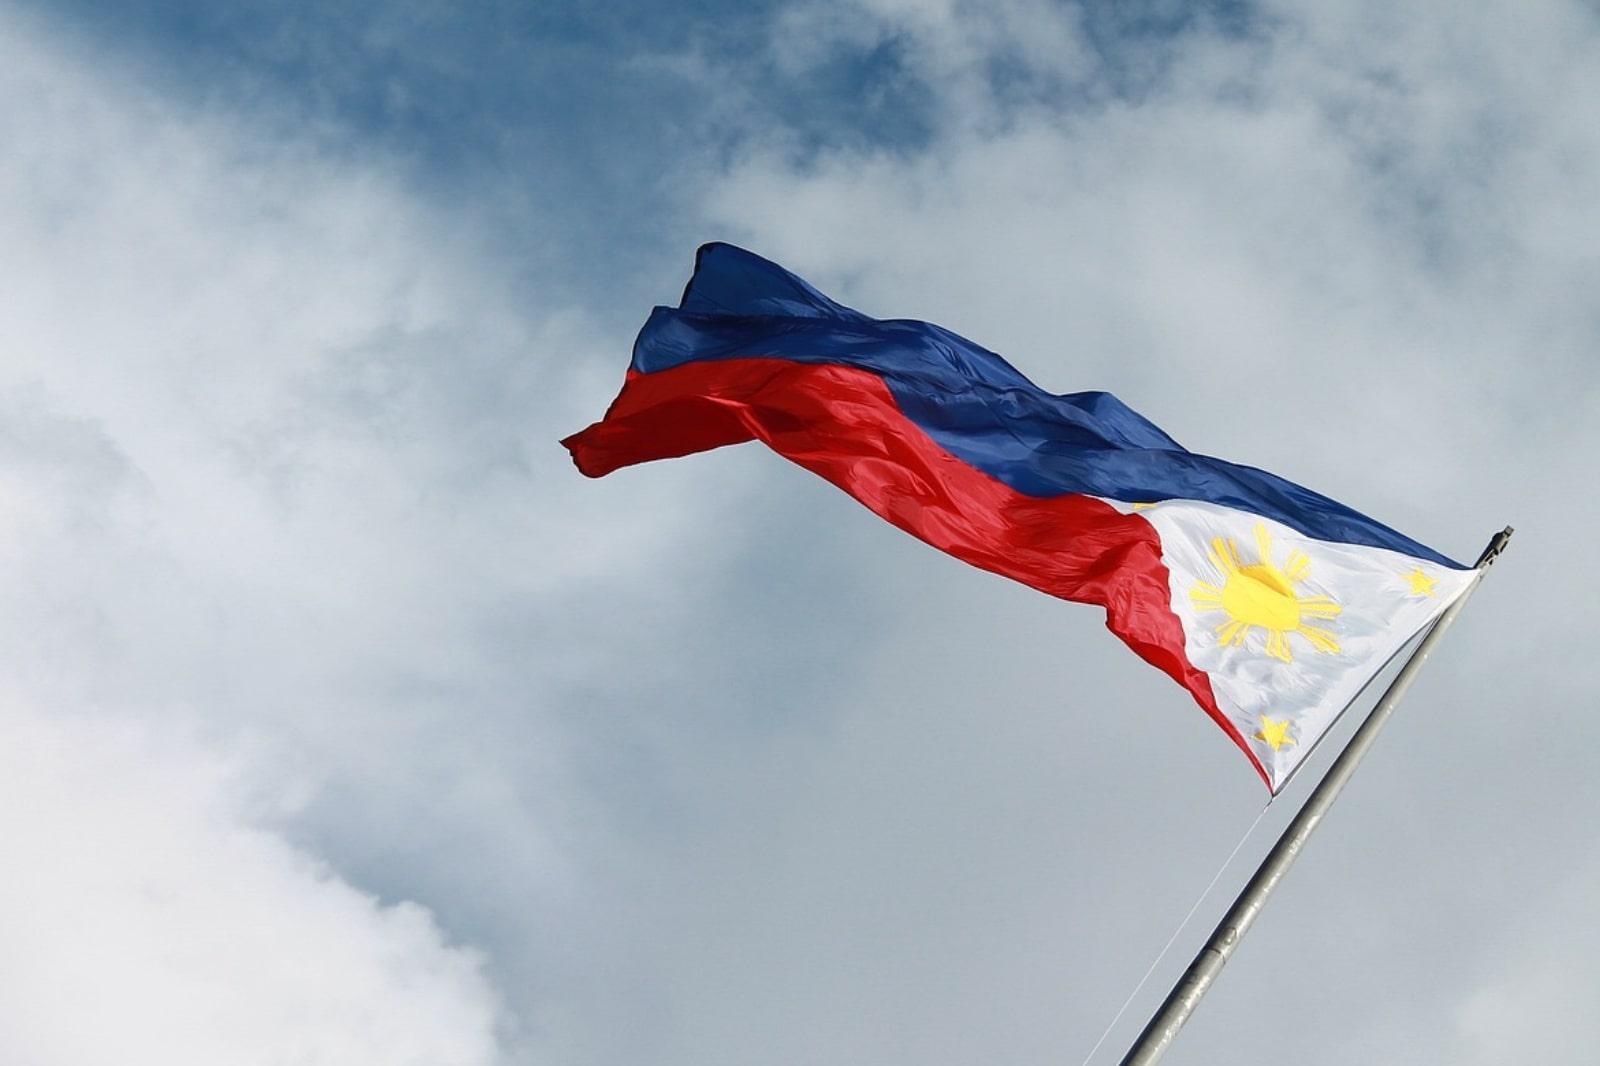 外国人介護士はフィリピン人が人気!?フィリピン人介護士が多い理由とは?